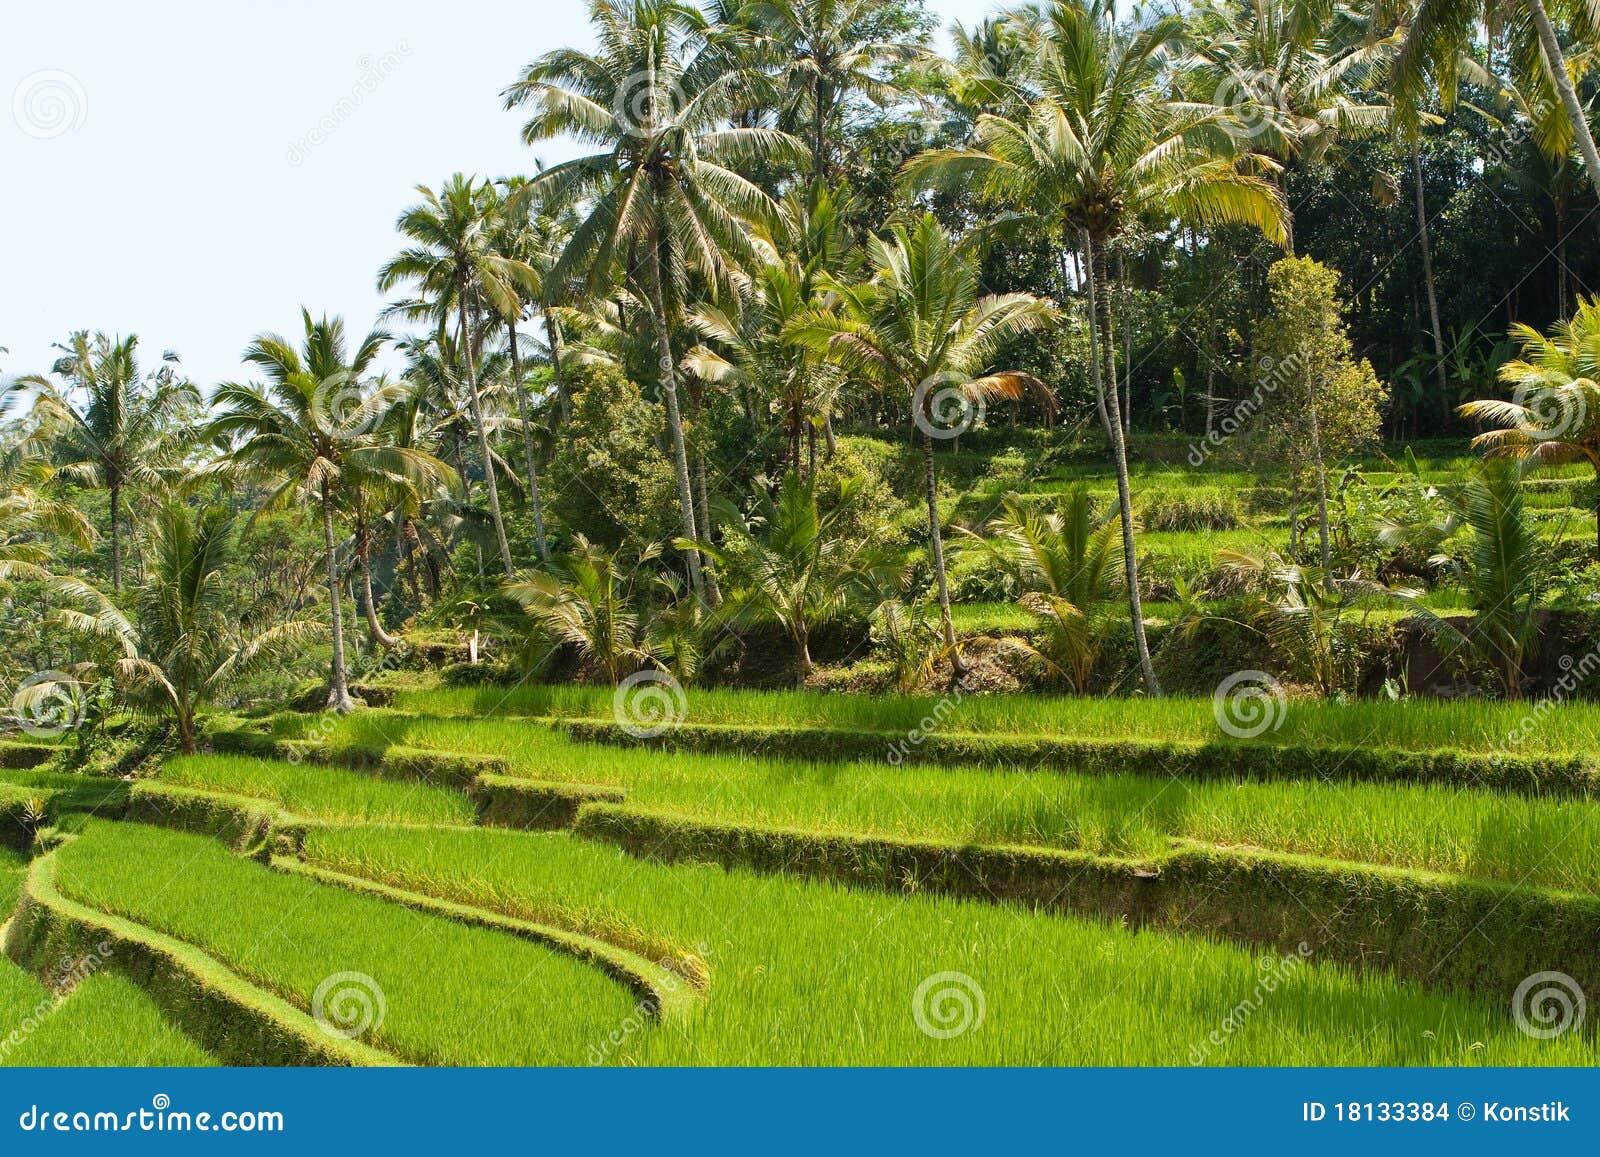 De terrassen van de rijst bali indonesi stock afbeeldingen beeld 18133384 - Afbeeldingen van terrassen verwachten ...